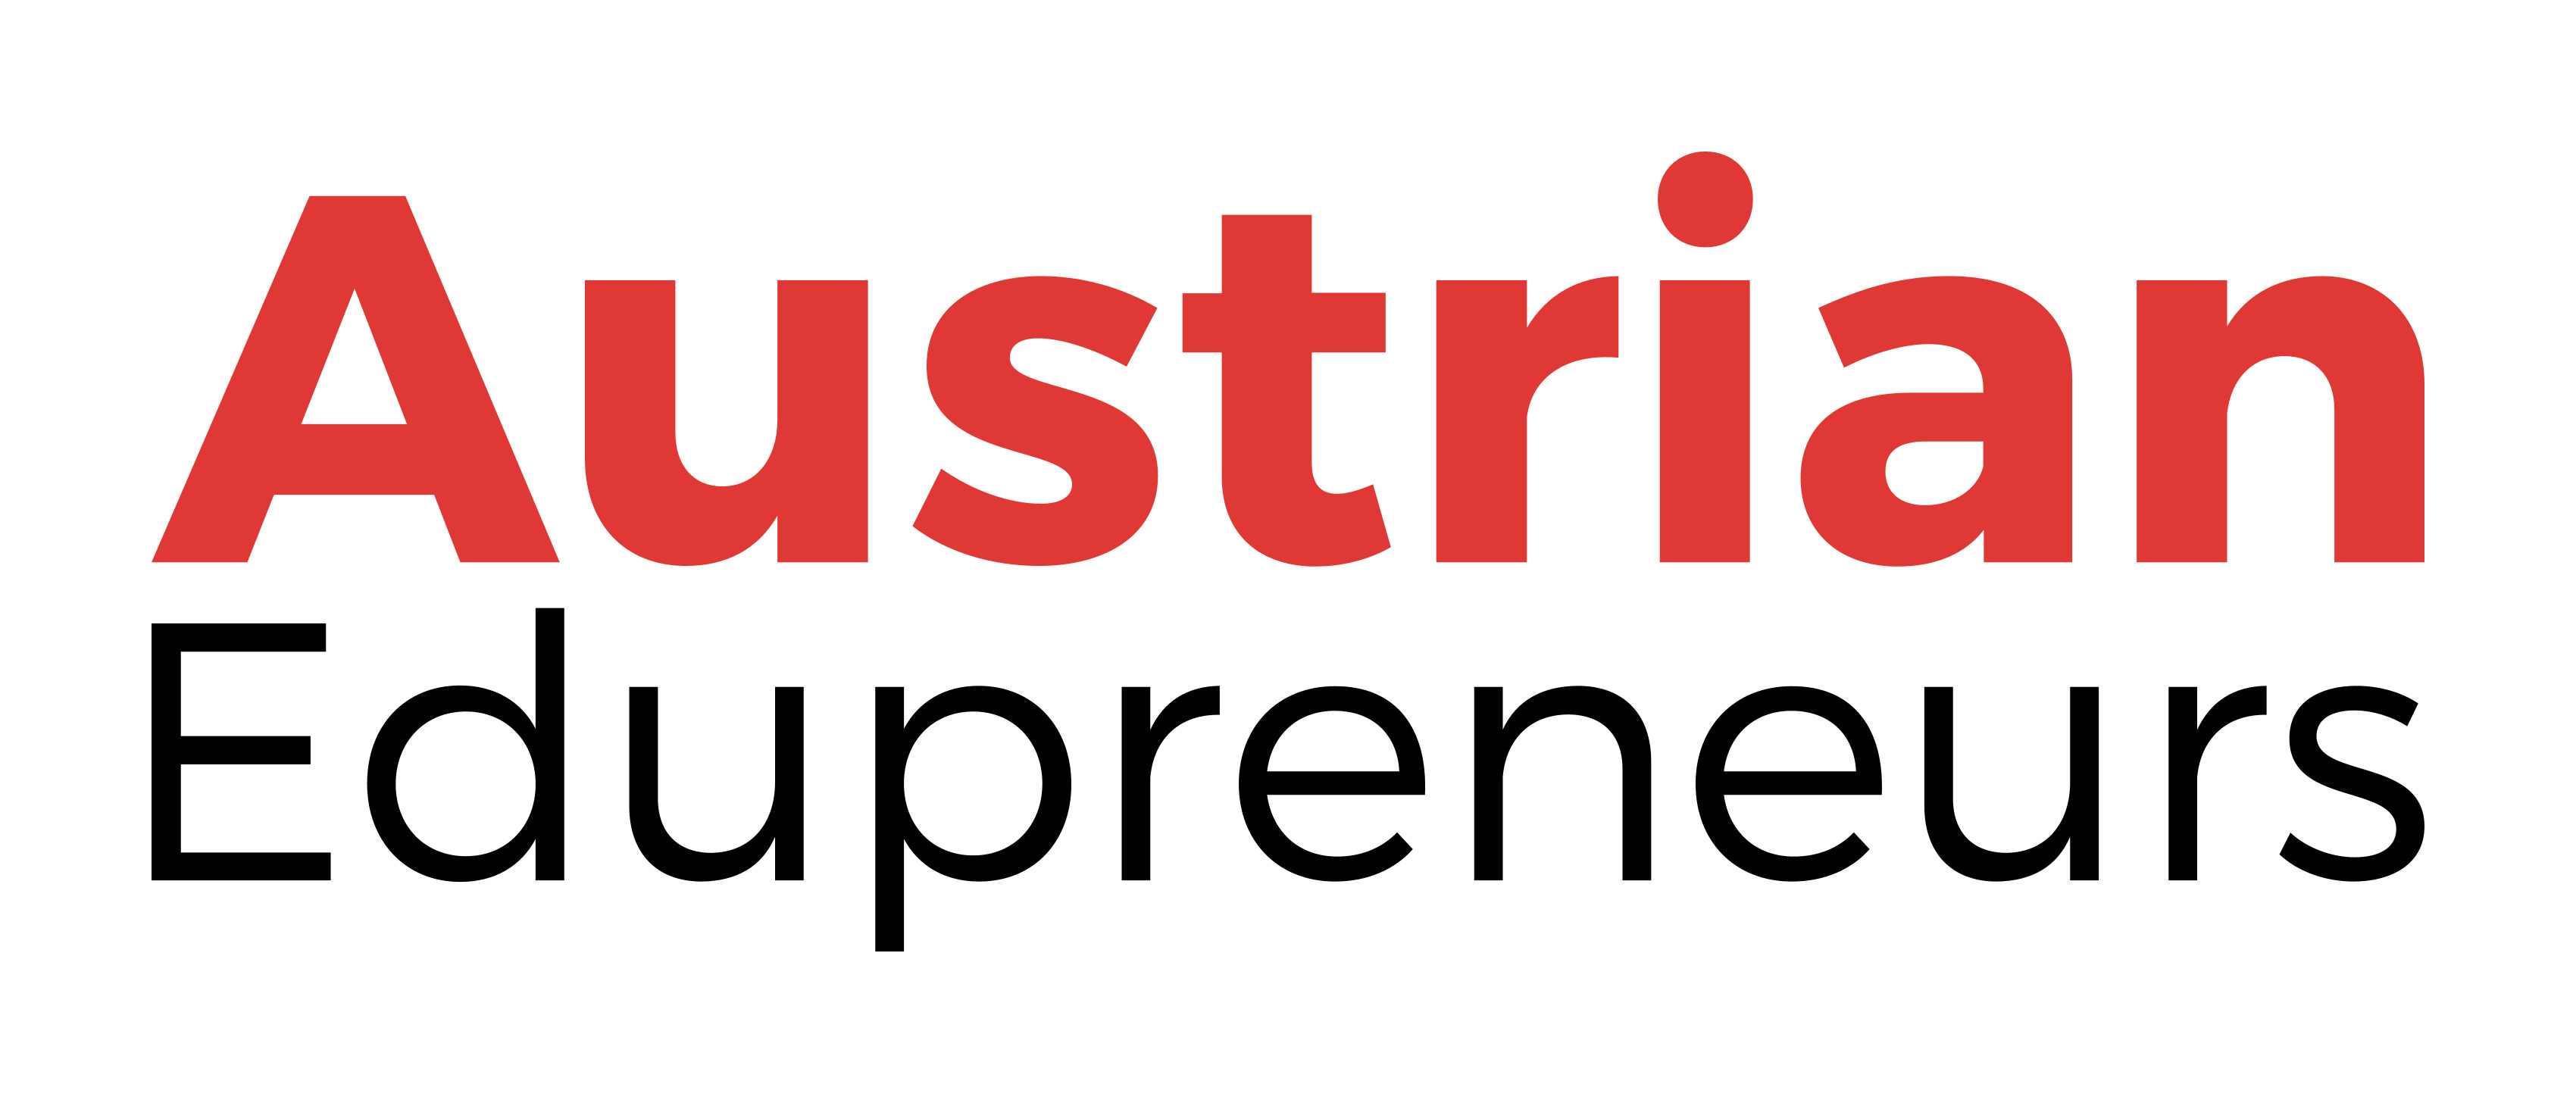 Austrian Edupreneurs